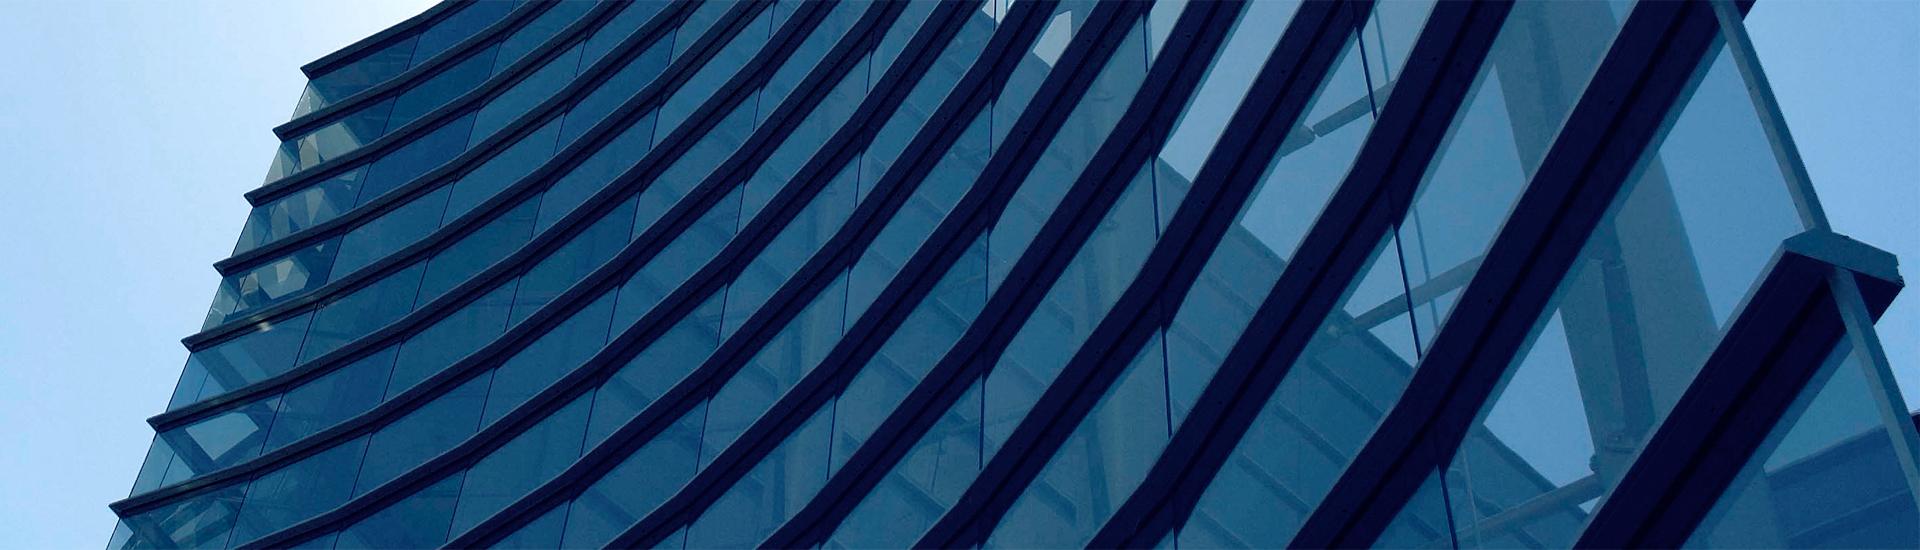 building-sky-04-03